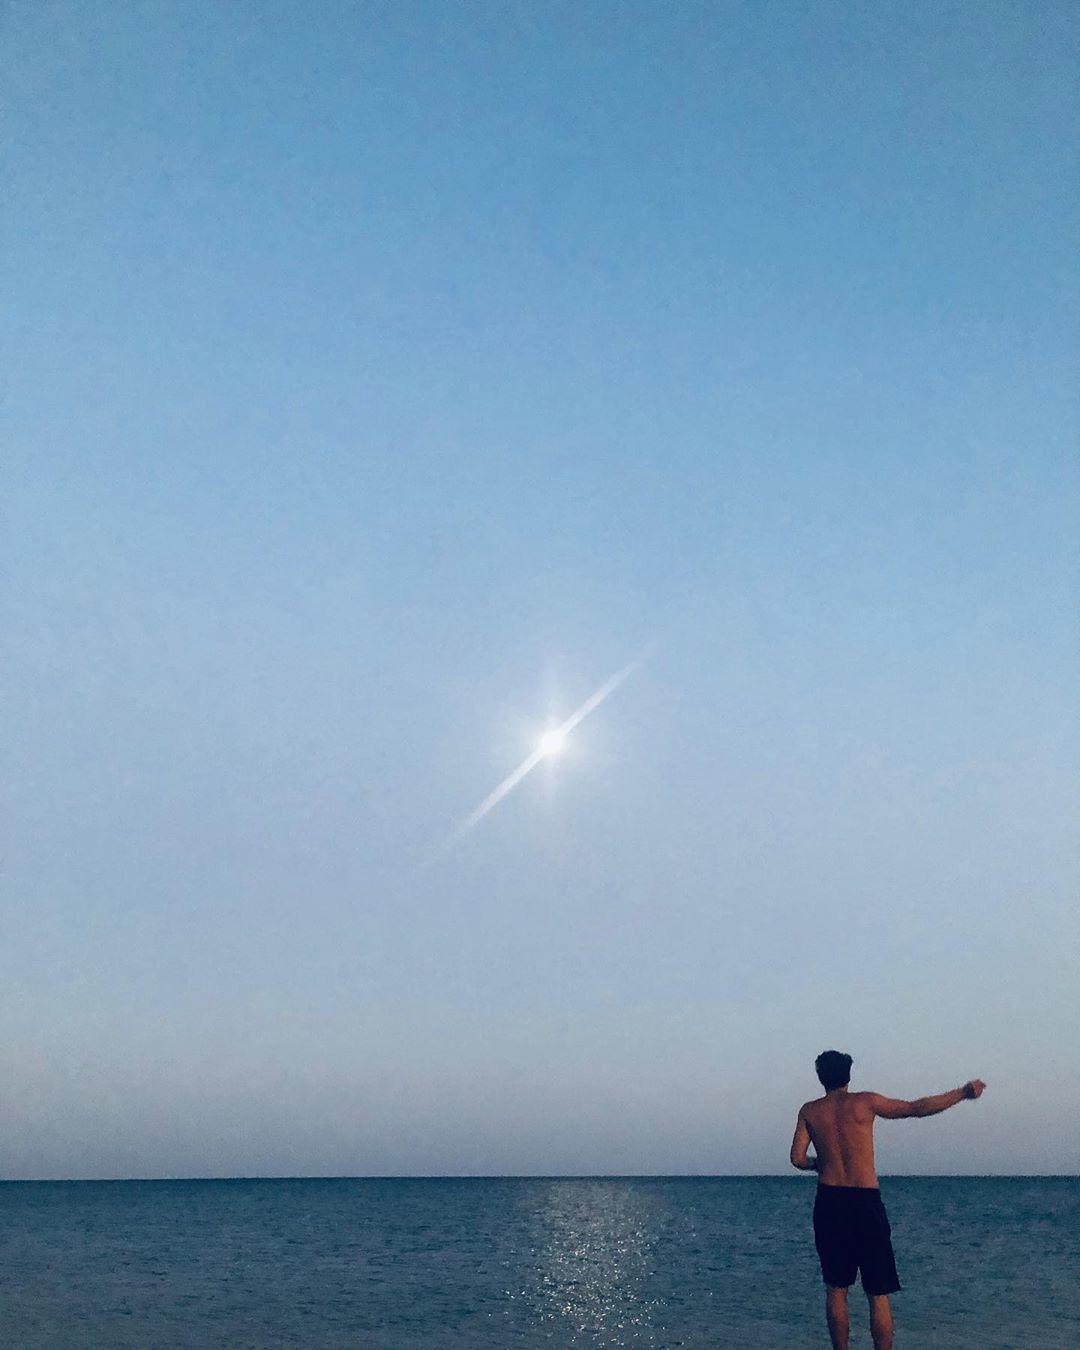 Σταύρος Σβήγκος: Οι διακοπές με την σύζυγό του στη Ρόδο! Φωτογραφίες - Φωτογραφία 2